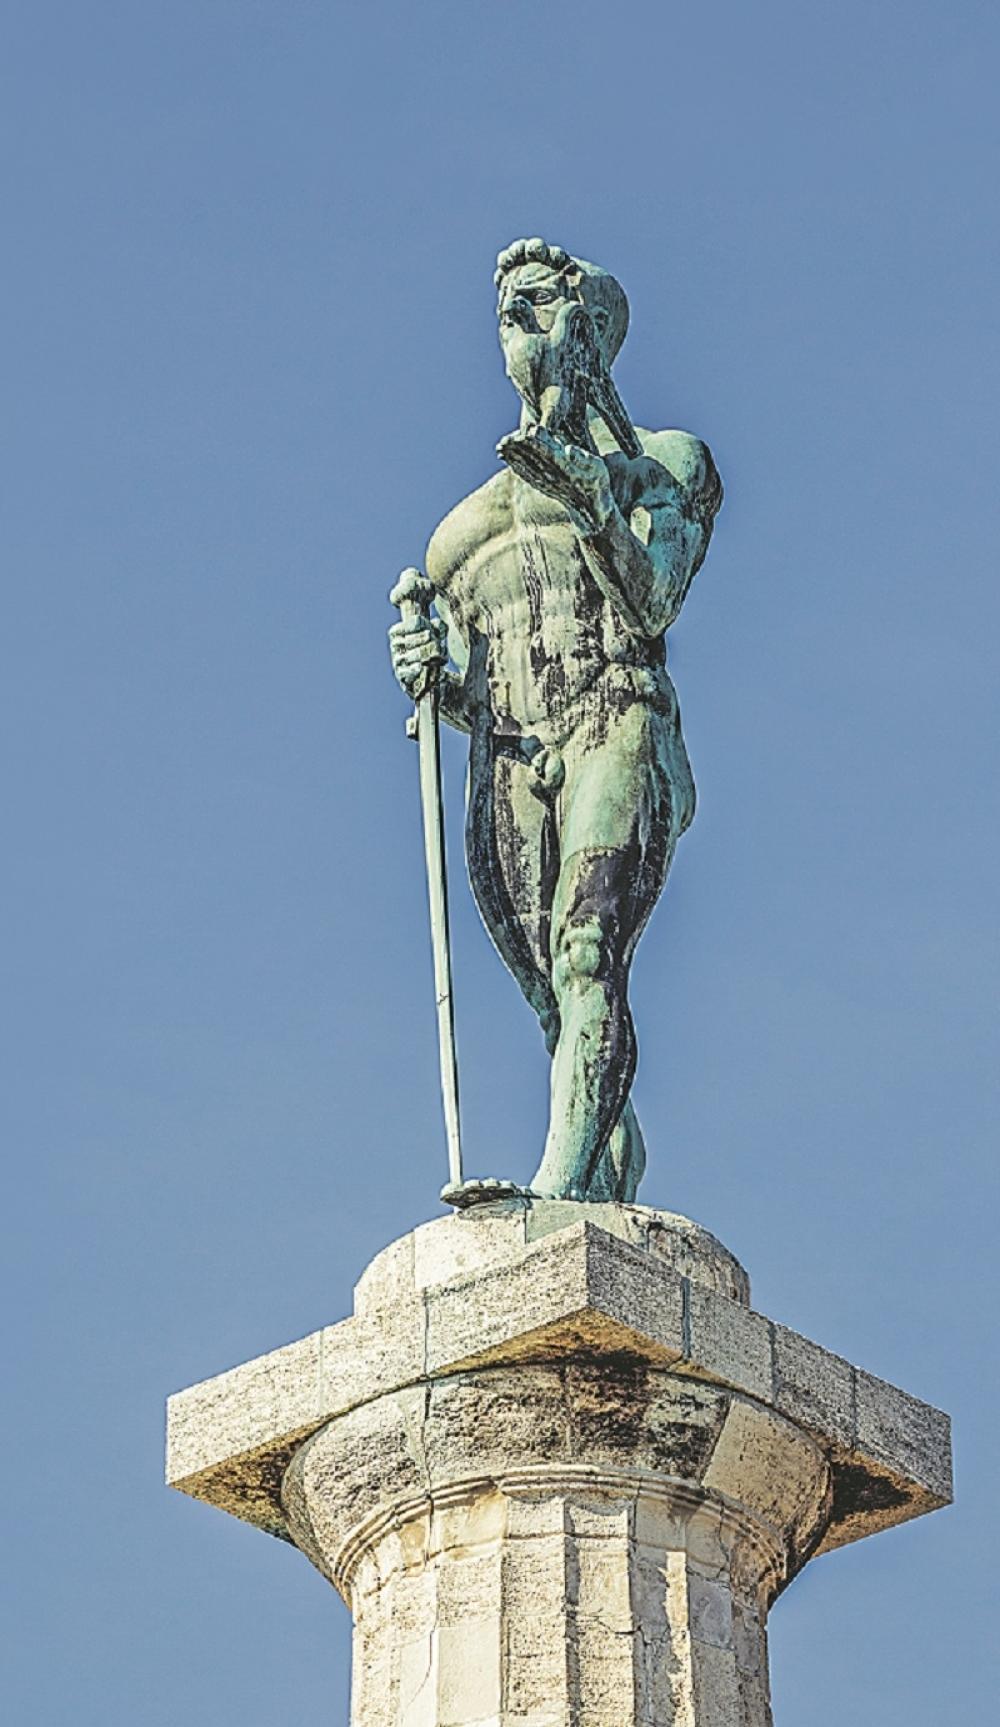 Nece Biti Simbola Prestonice Na Kalemegdanu Beograd Ostaje Bez